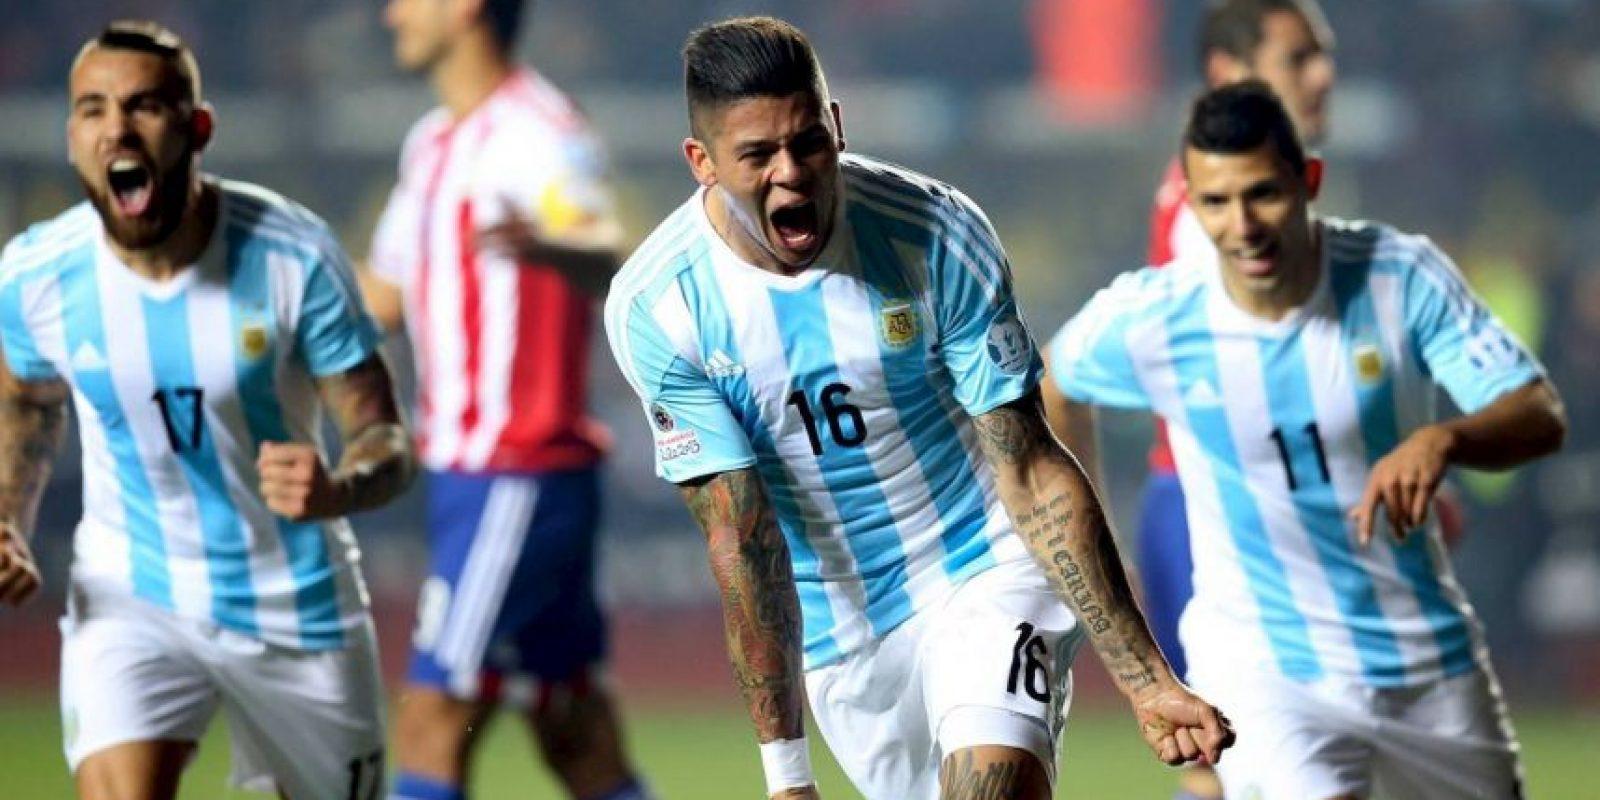 En la semifinal no tuvieron piedad de Paraguay a quien humillaron con un marcador 6-1. Foto:Vía facebook.com/AFASeleccionArgentina